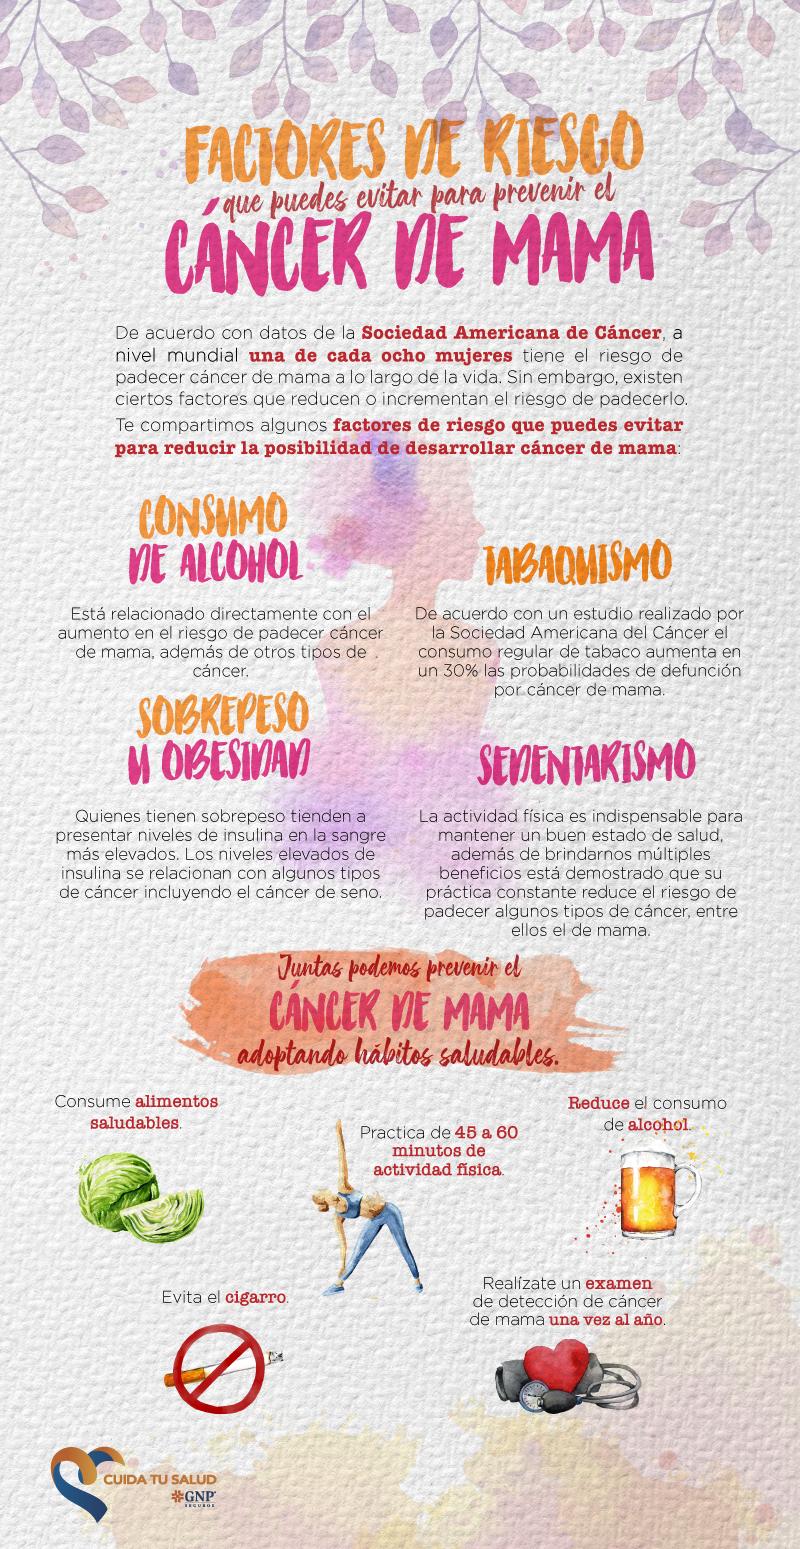 Factores de riesgo del cáncer de mama